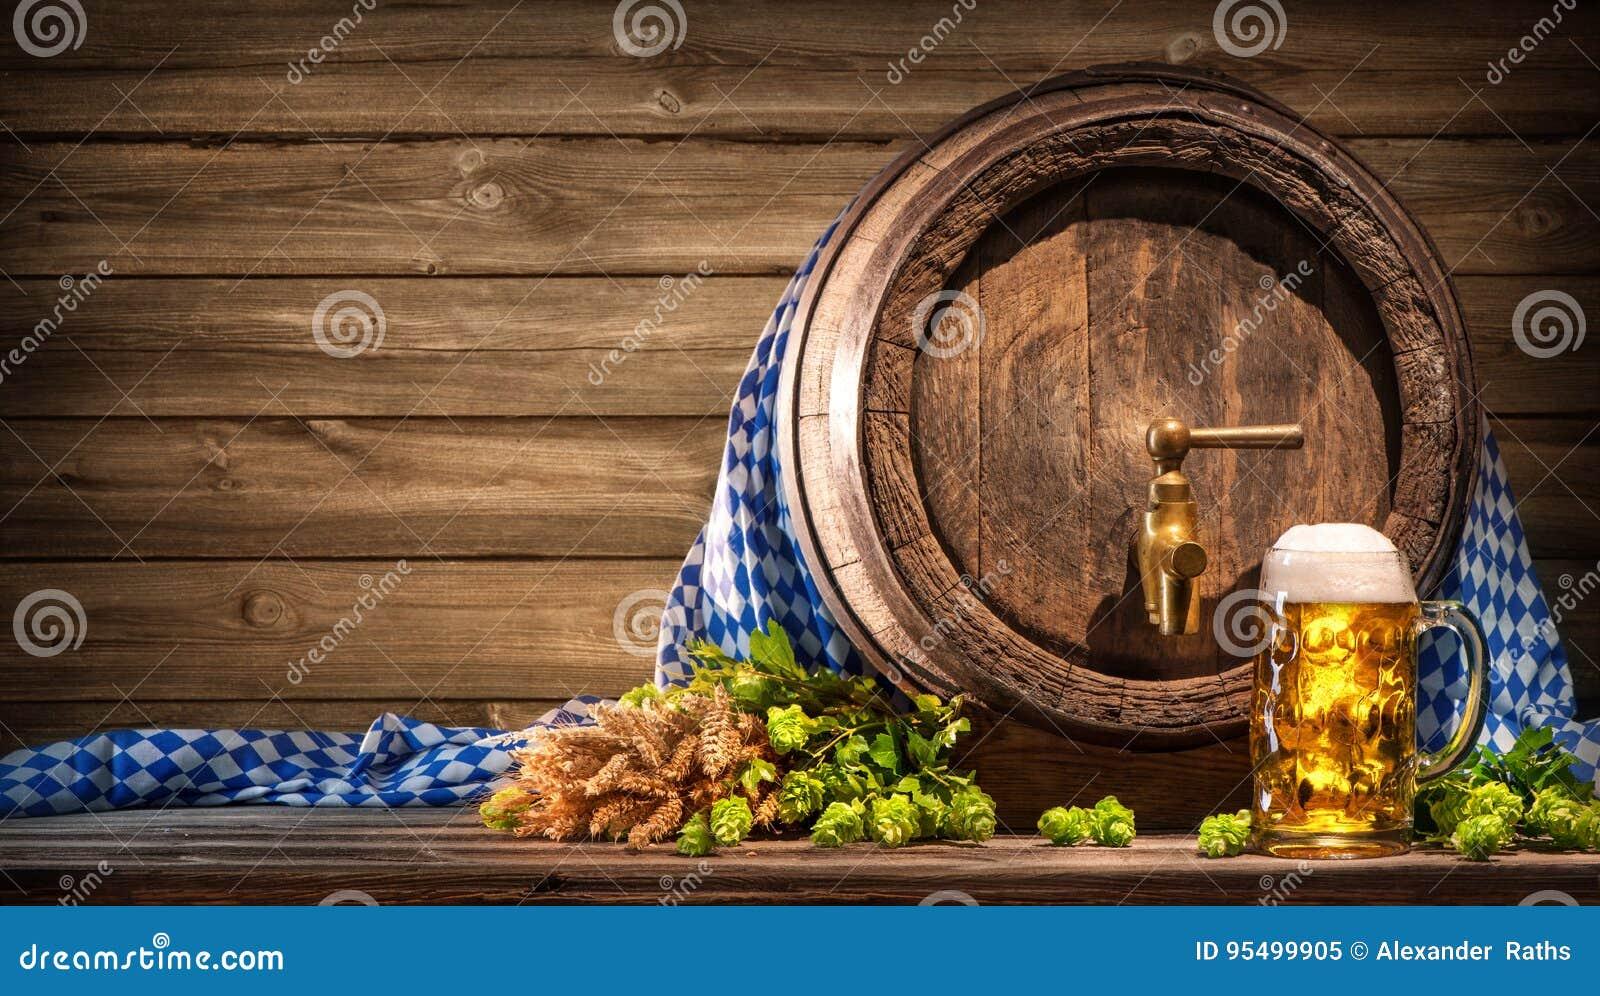 Oktoberfestbiervat en bierglas